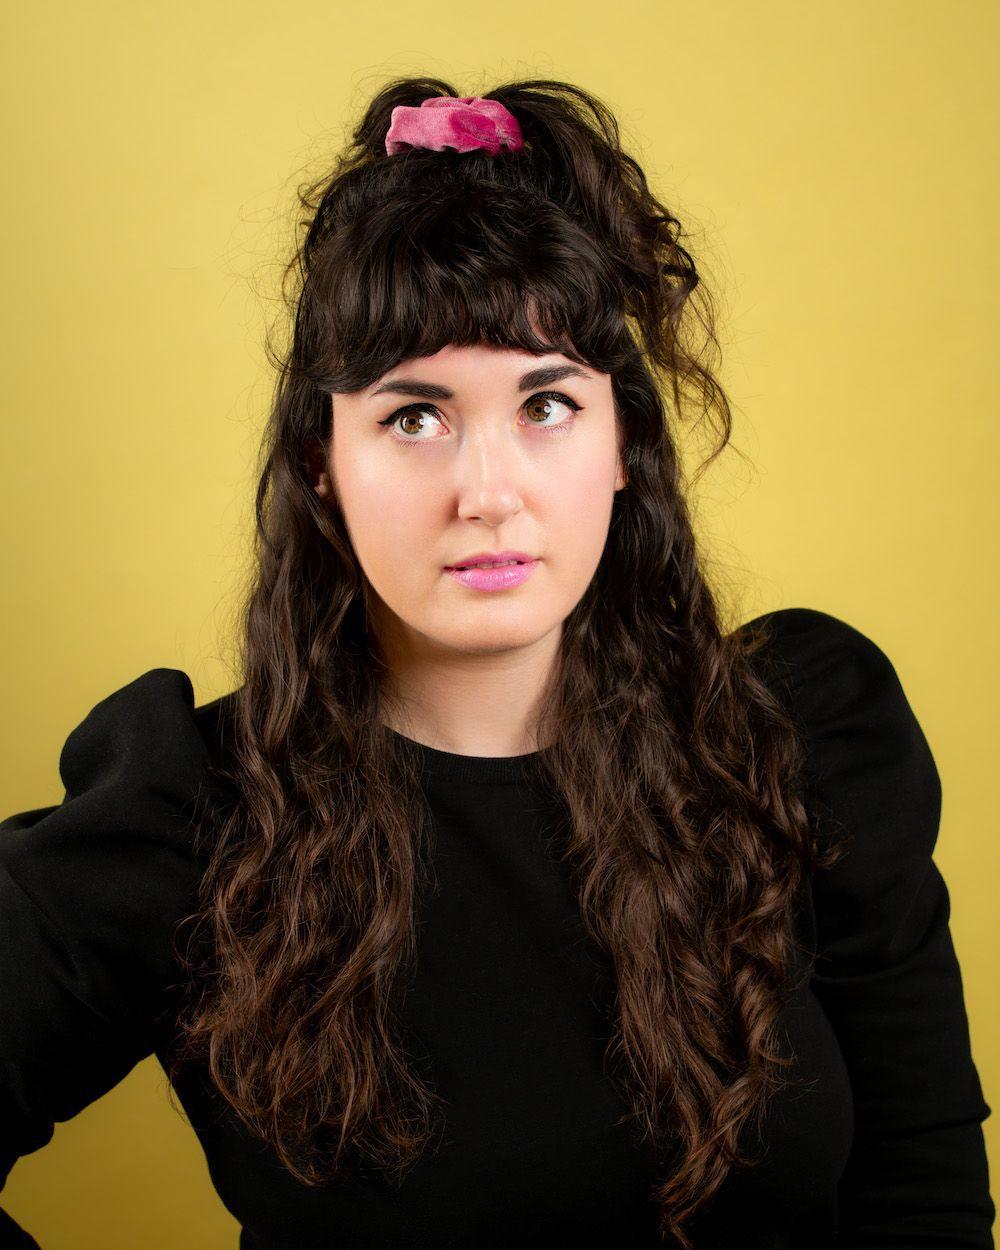 Photo of Glassy aka Megan Glassman